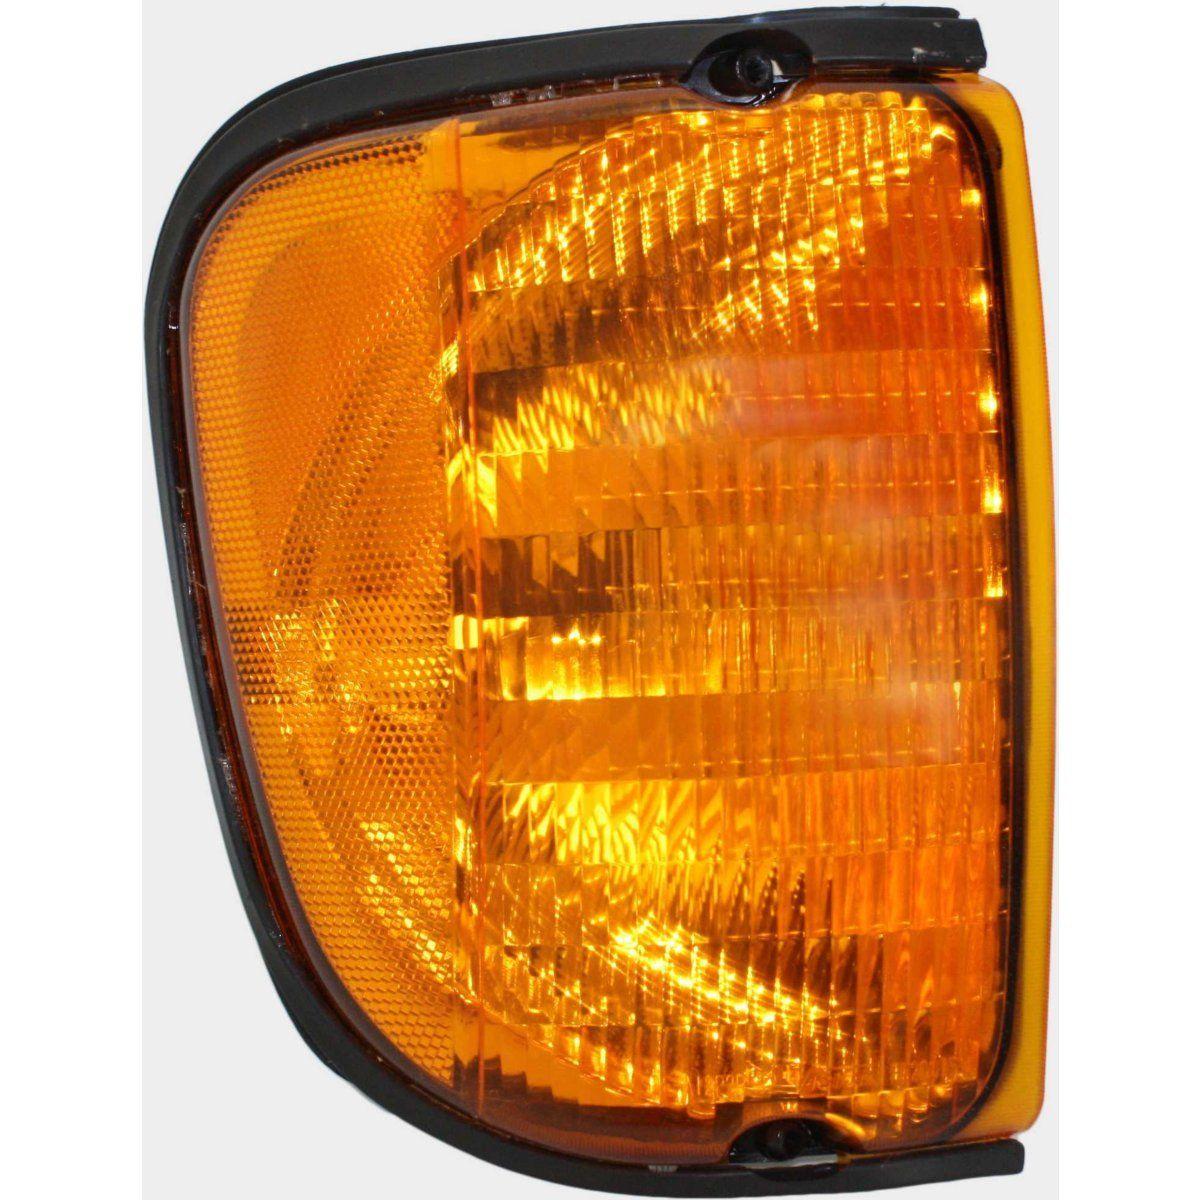 コーナーライト Corner Light For 2003-2007 Ford E-350 Super Duty E-250 Passenger Side コーナーライト2003-2007フォードE - 350スーパーデューティE - 250の旅客側